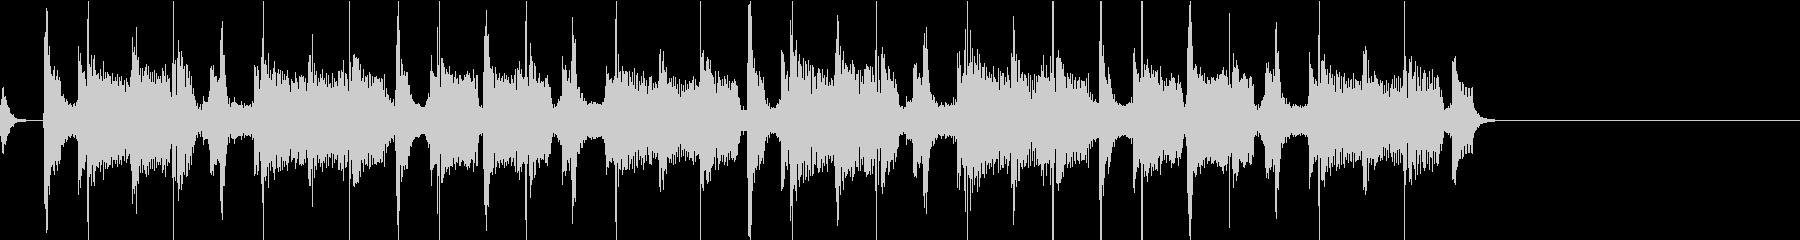 昔のロック風BGM  ジングル1の未再生の波形